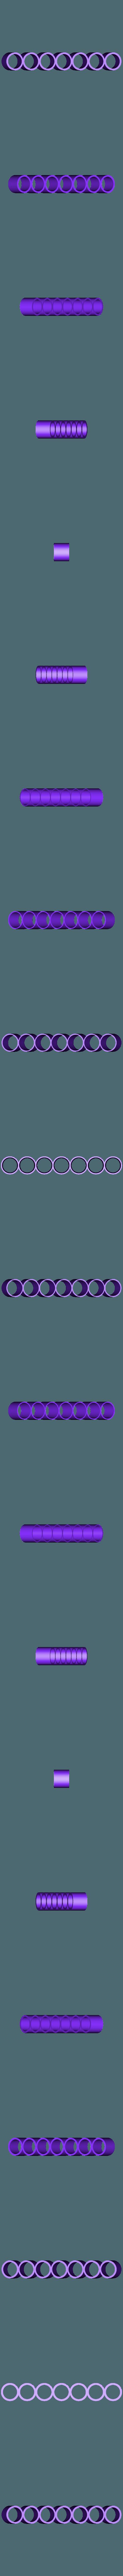 riffle_shell_holder.stl Télécharger fichier STL gratuit Ma balle quotidienne (distributeur de capsules de 7 jours) • Design imprimable en 3D, dasaki